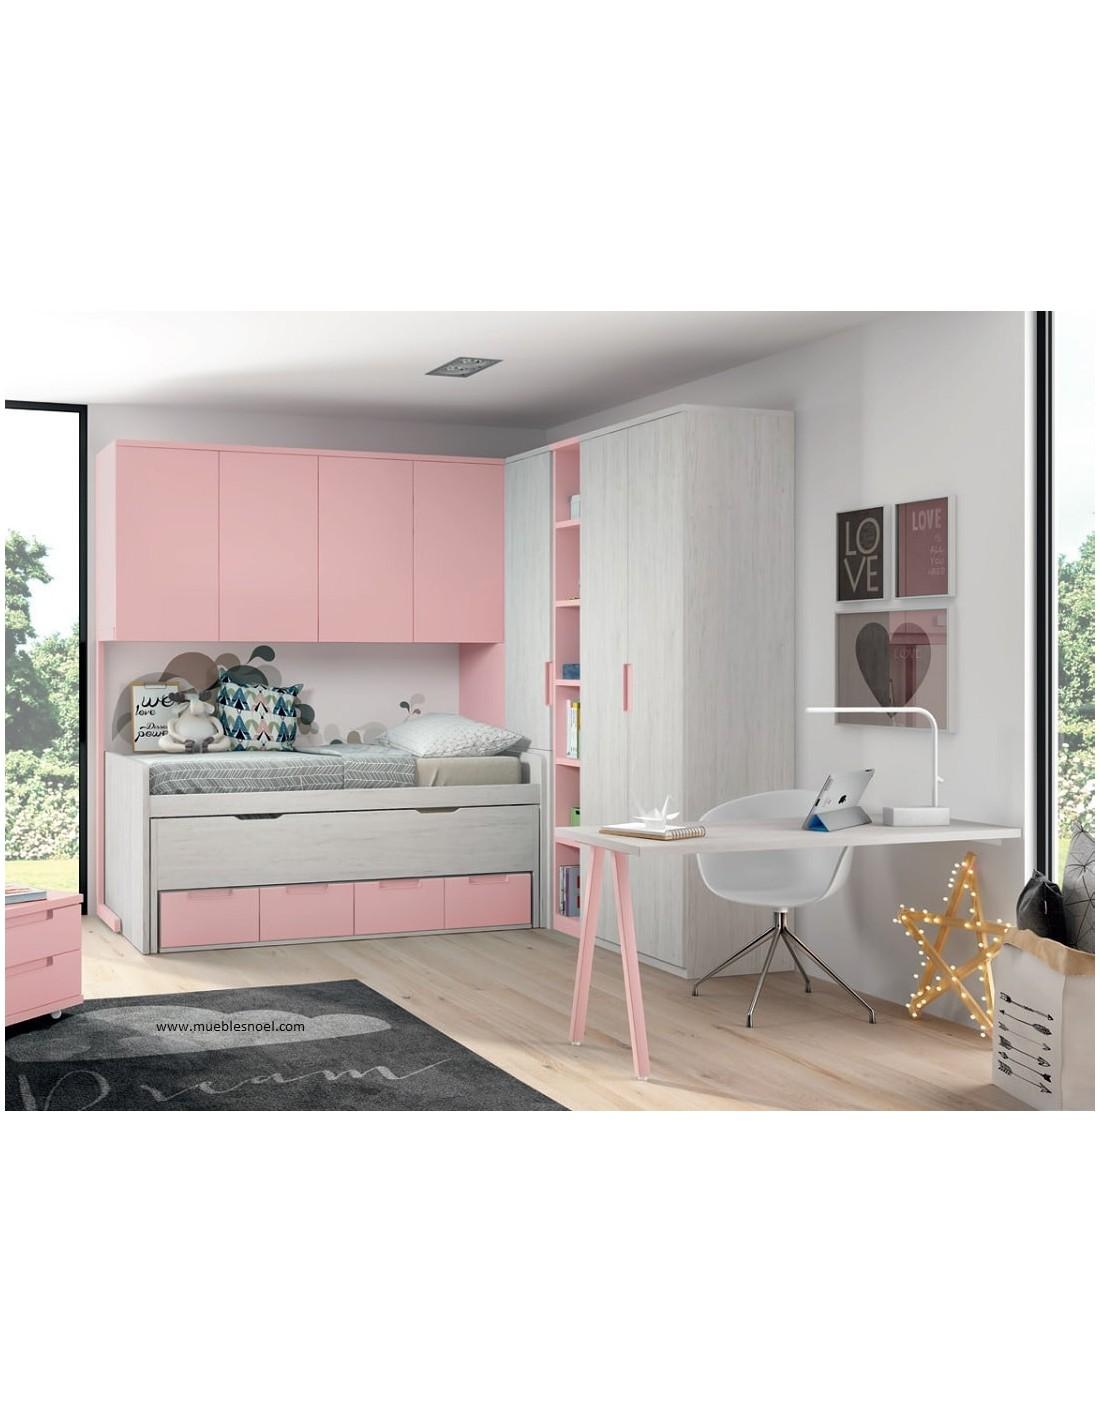 Comprar habitaci n puente tienda online muebles noel for Muebles juveniles albacete